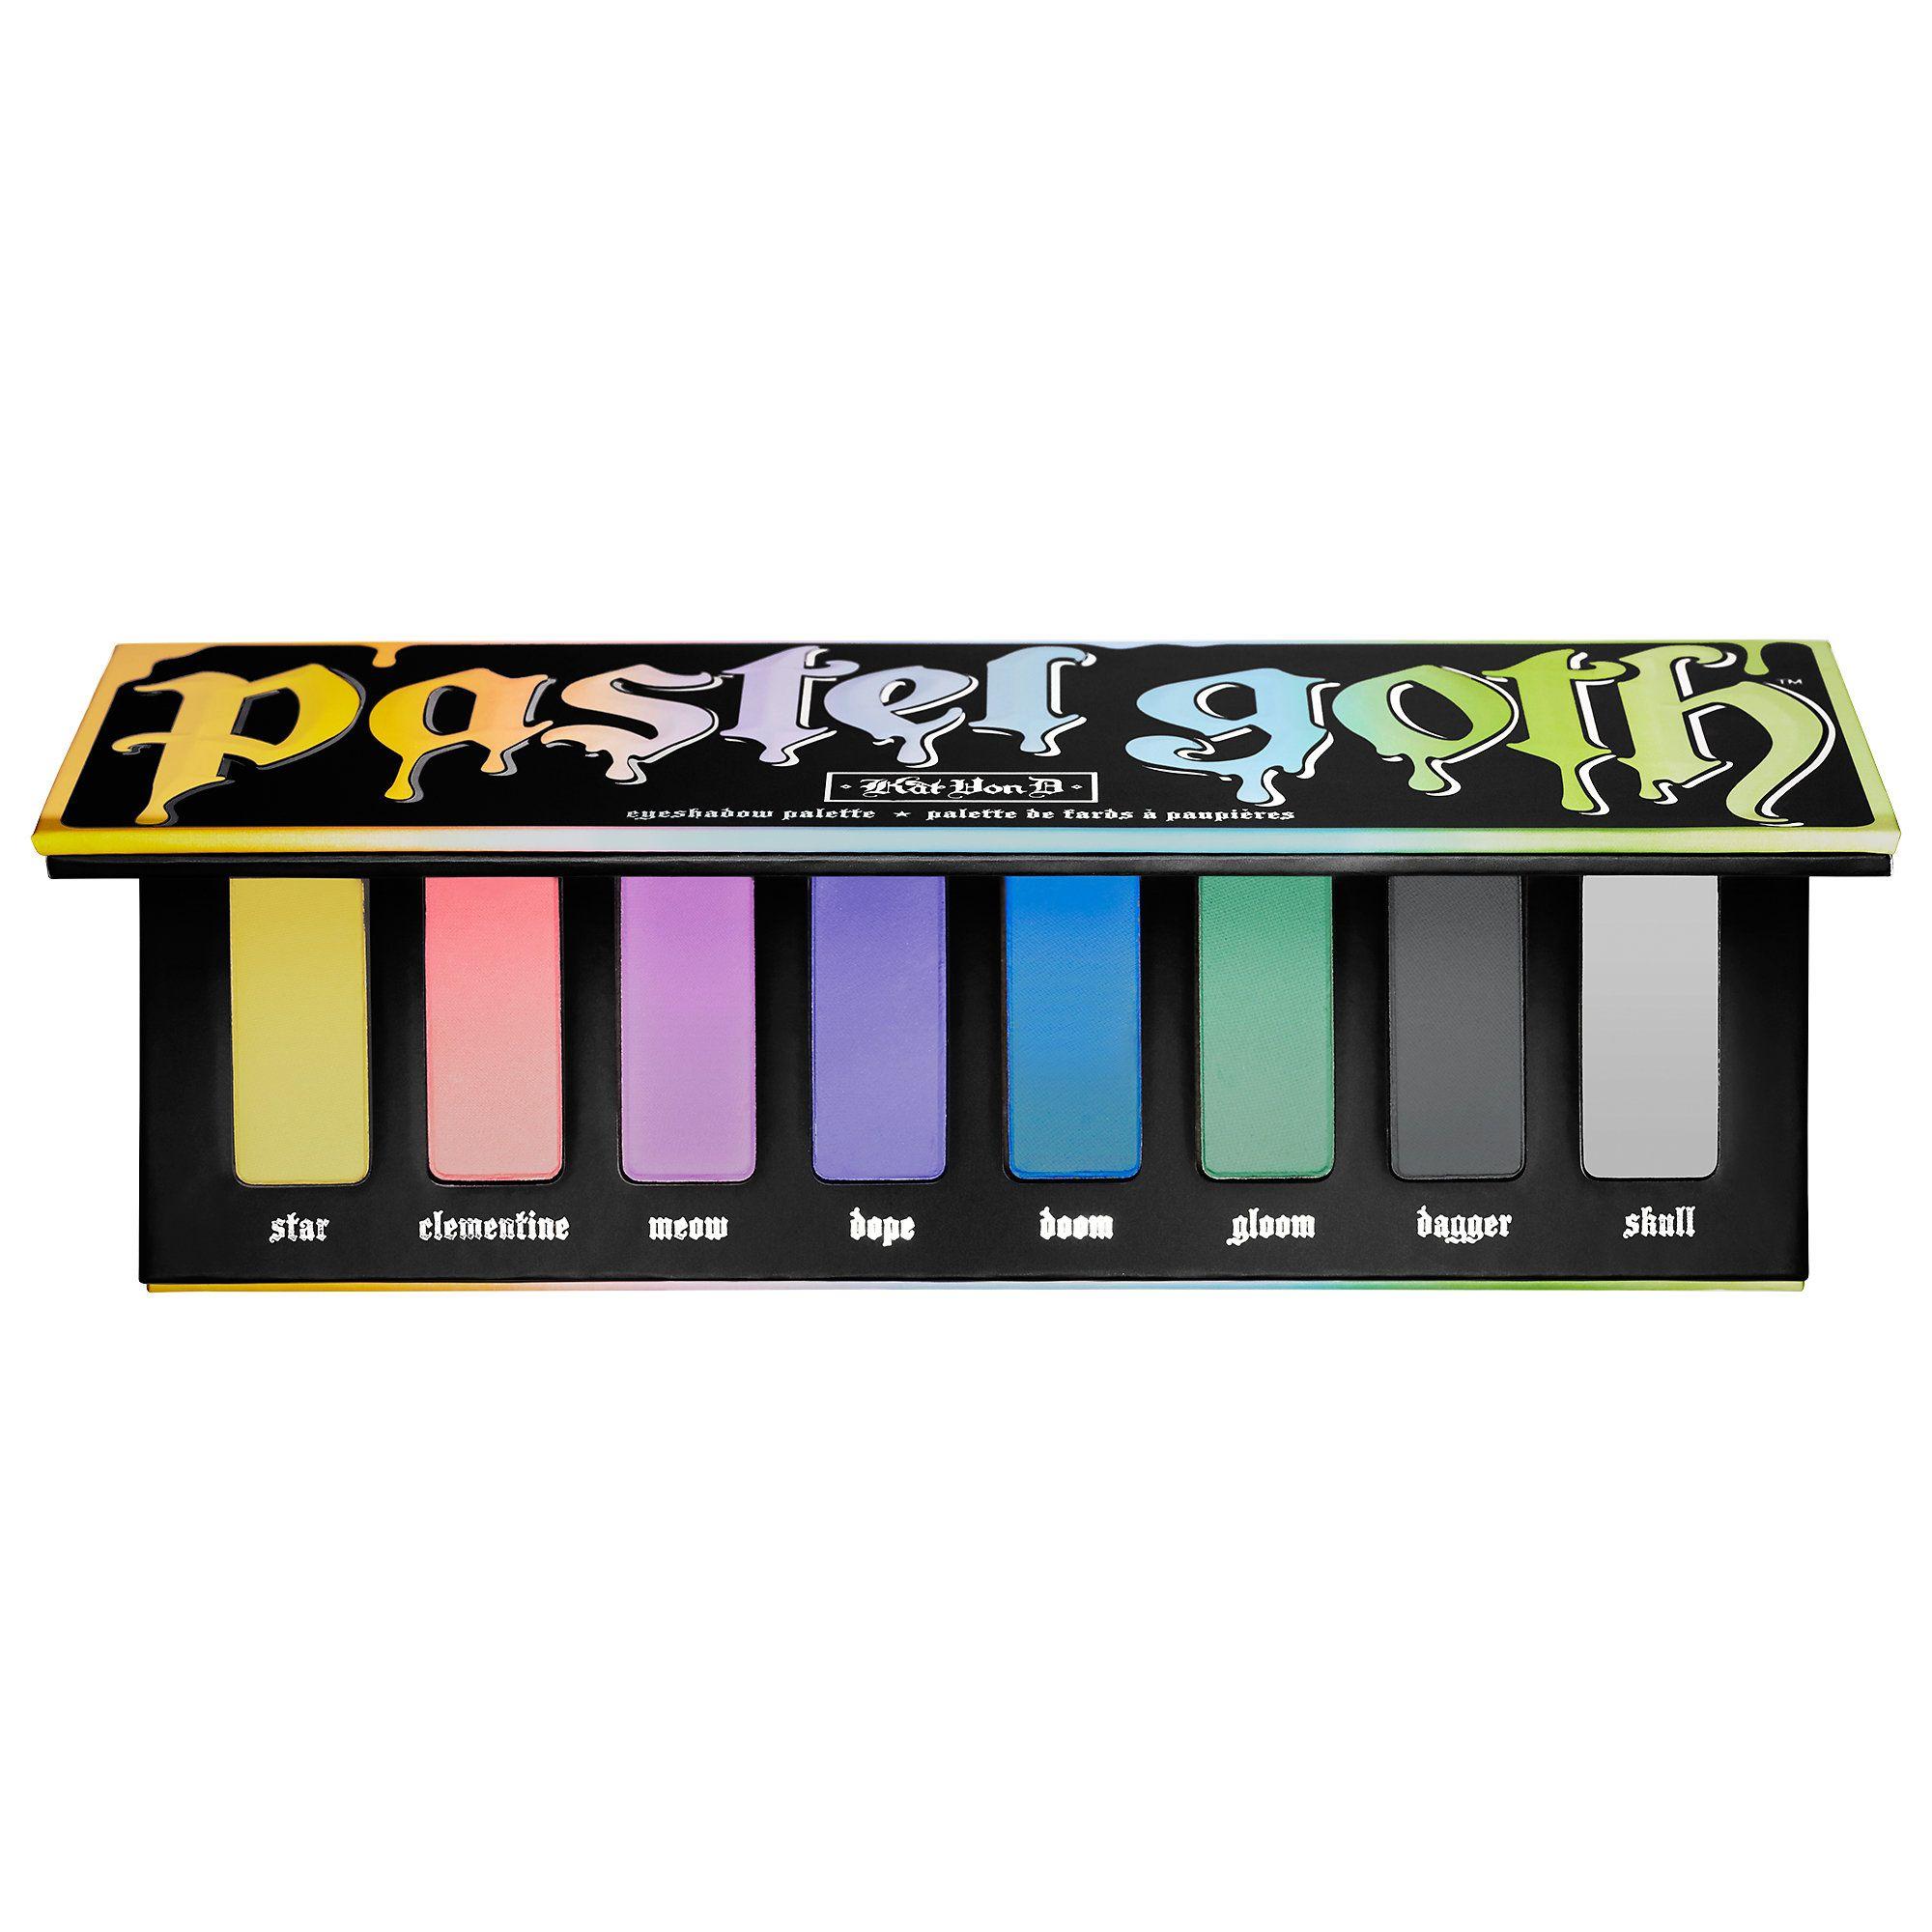 Shop Kat Von D's Pastel Goth Eyeshadow Palette at Sephora